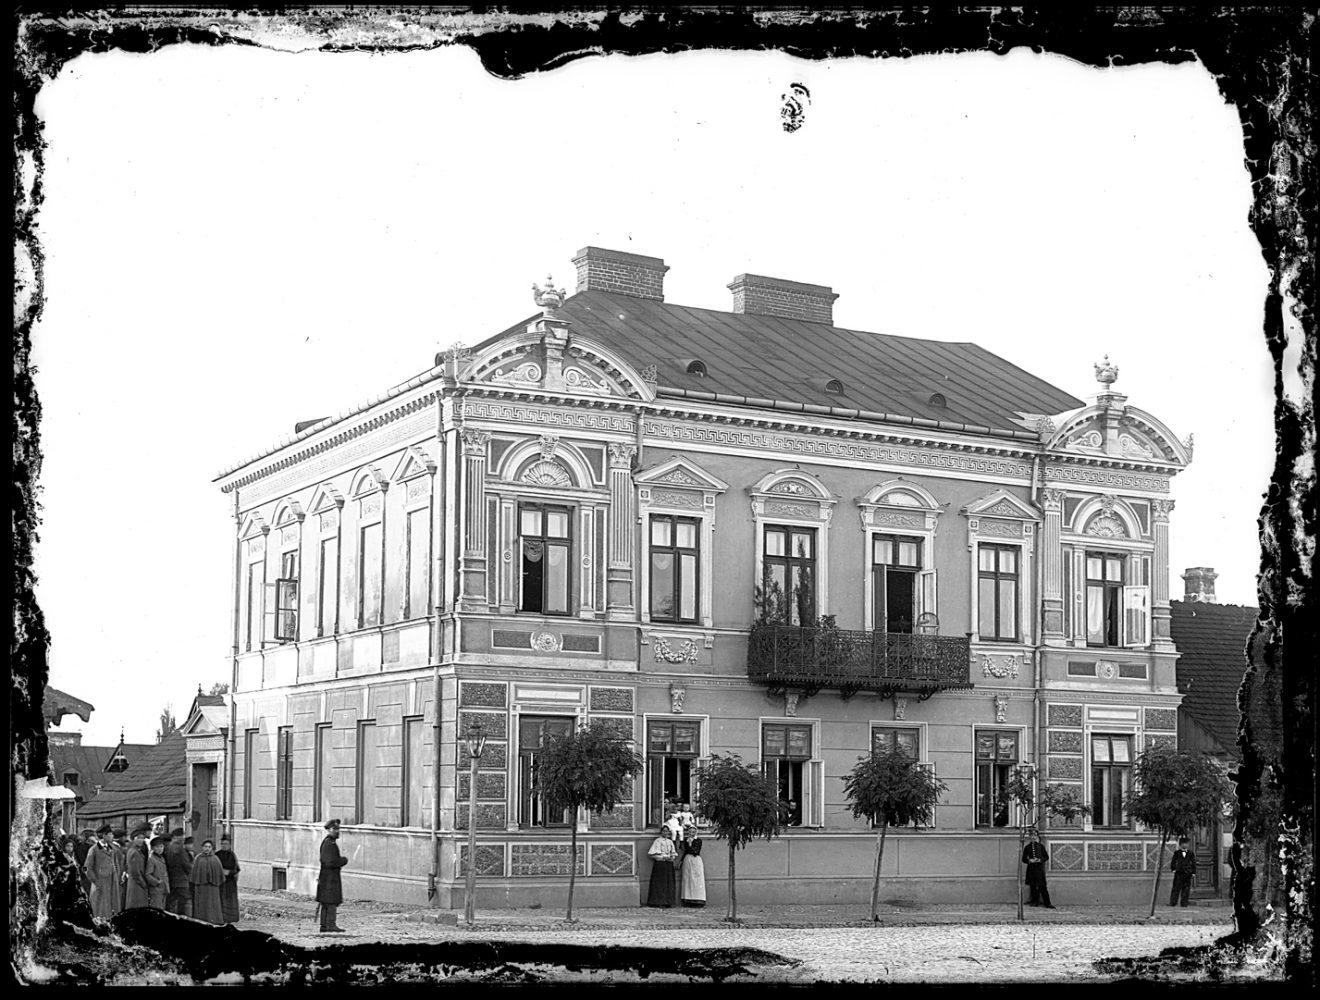 Piętrowy murowany budynek z zdobieniami frontowymi